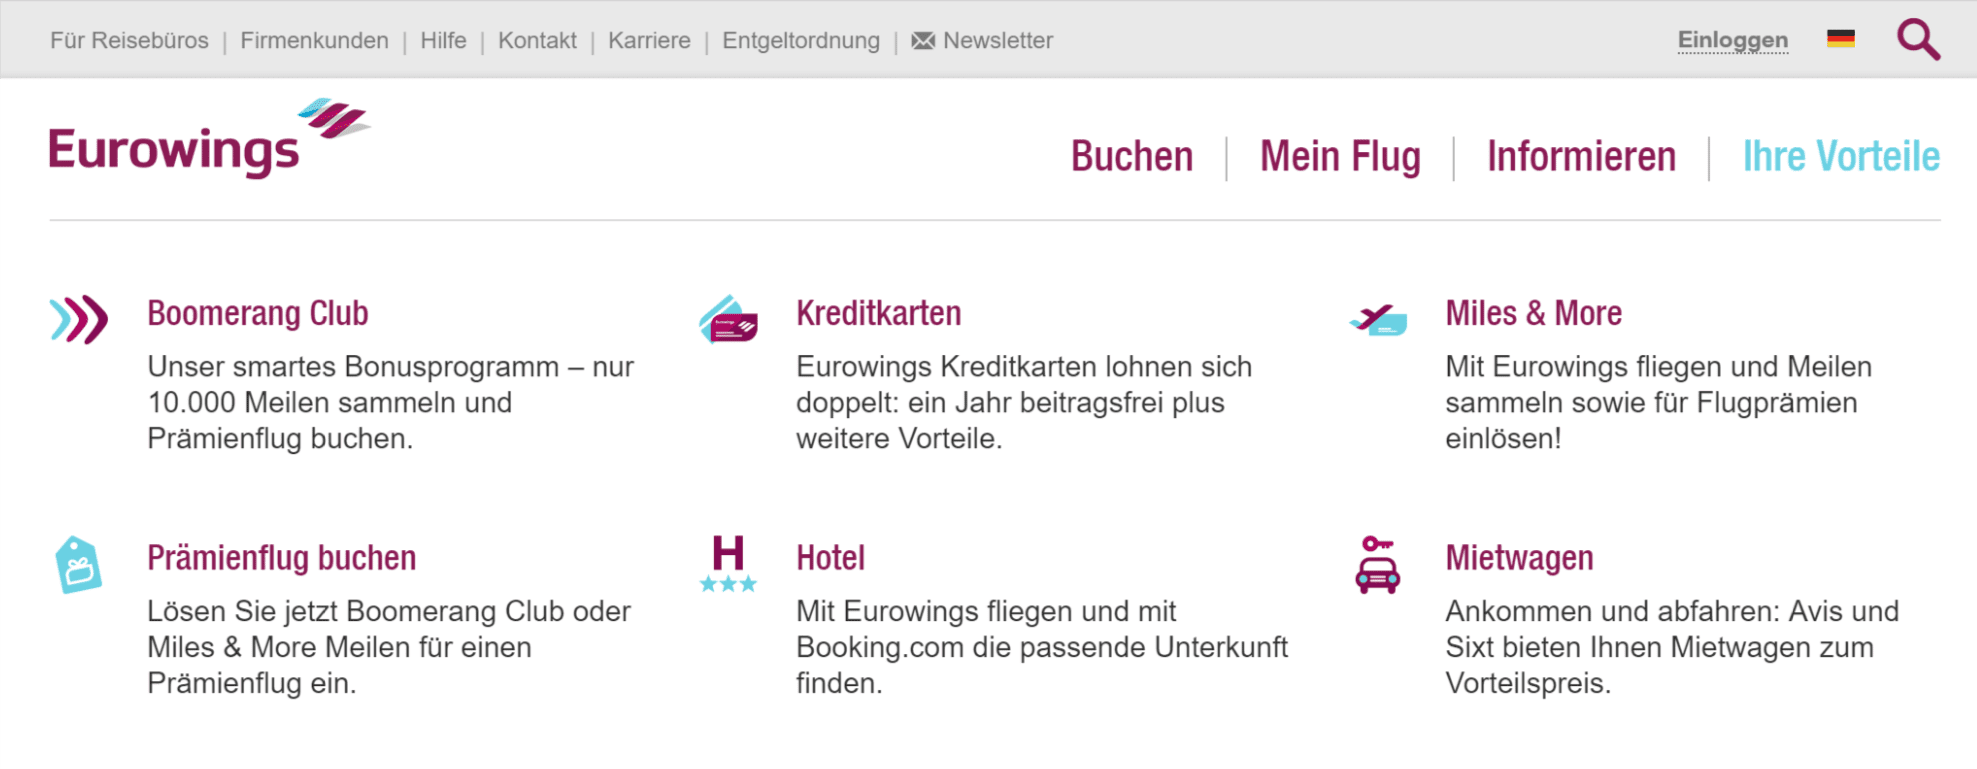 Eurowings Prämienflug buchen